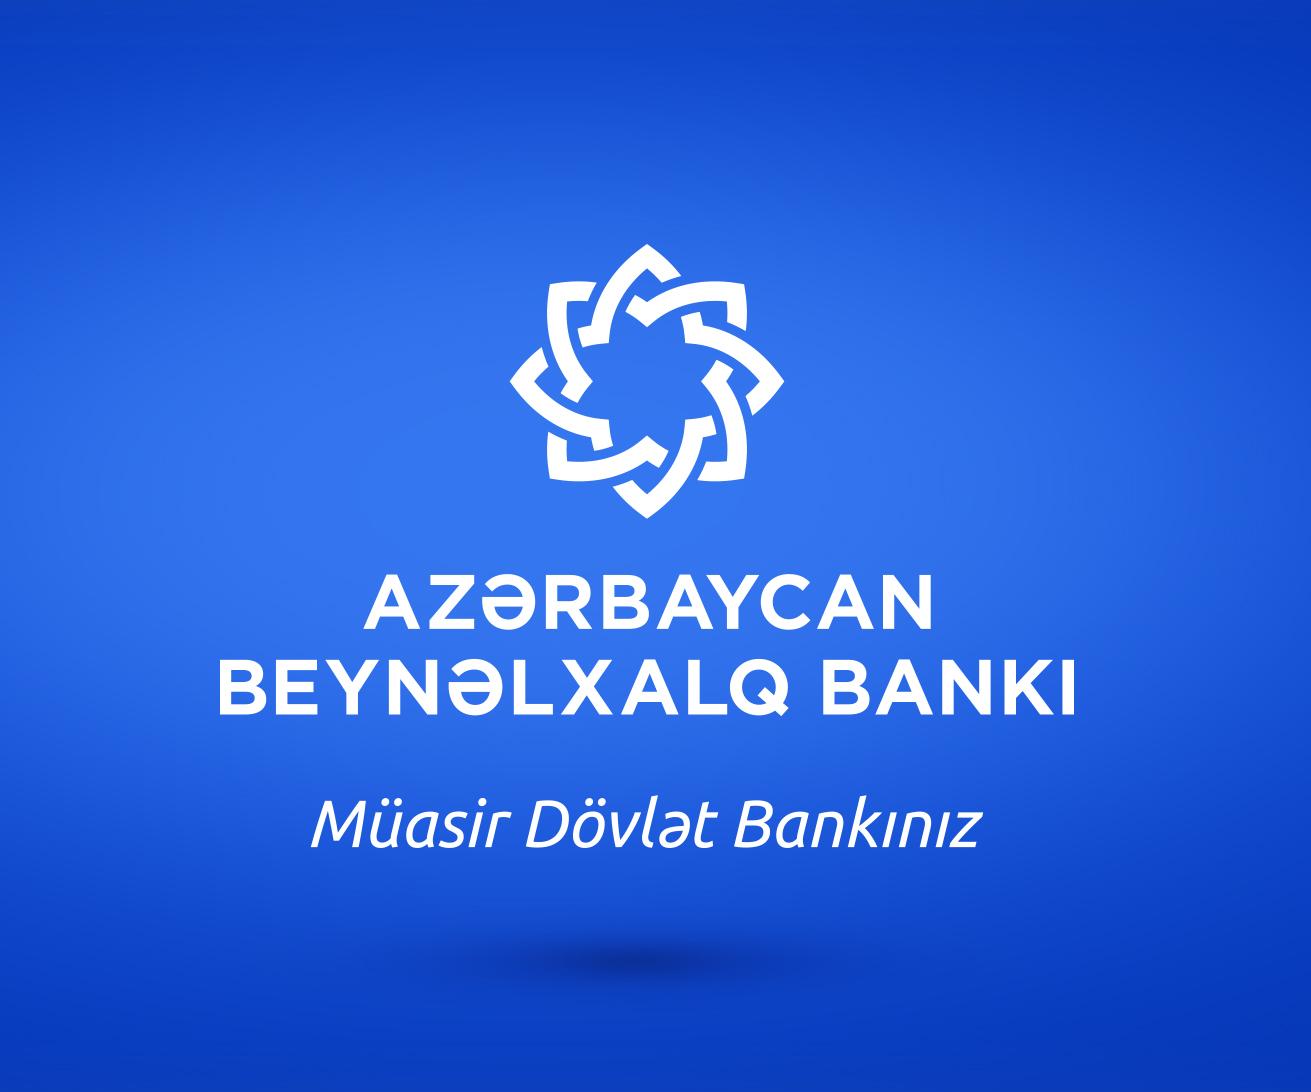 Fitch положительно оценил позиции капитала Международного Банка Азербайджана